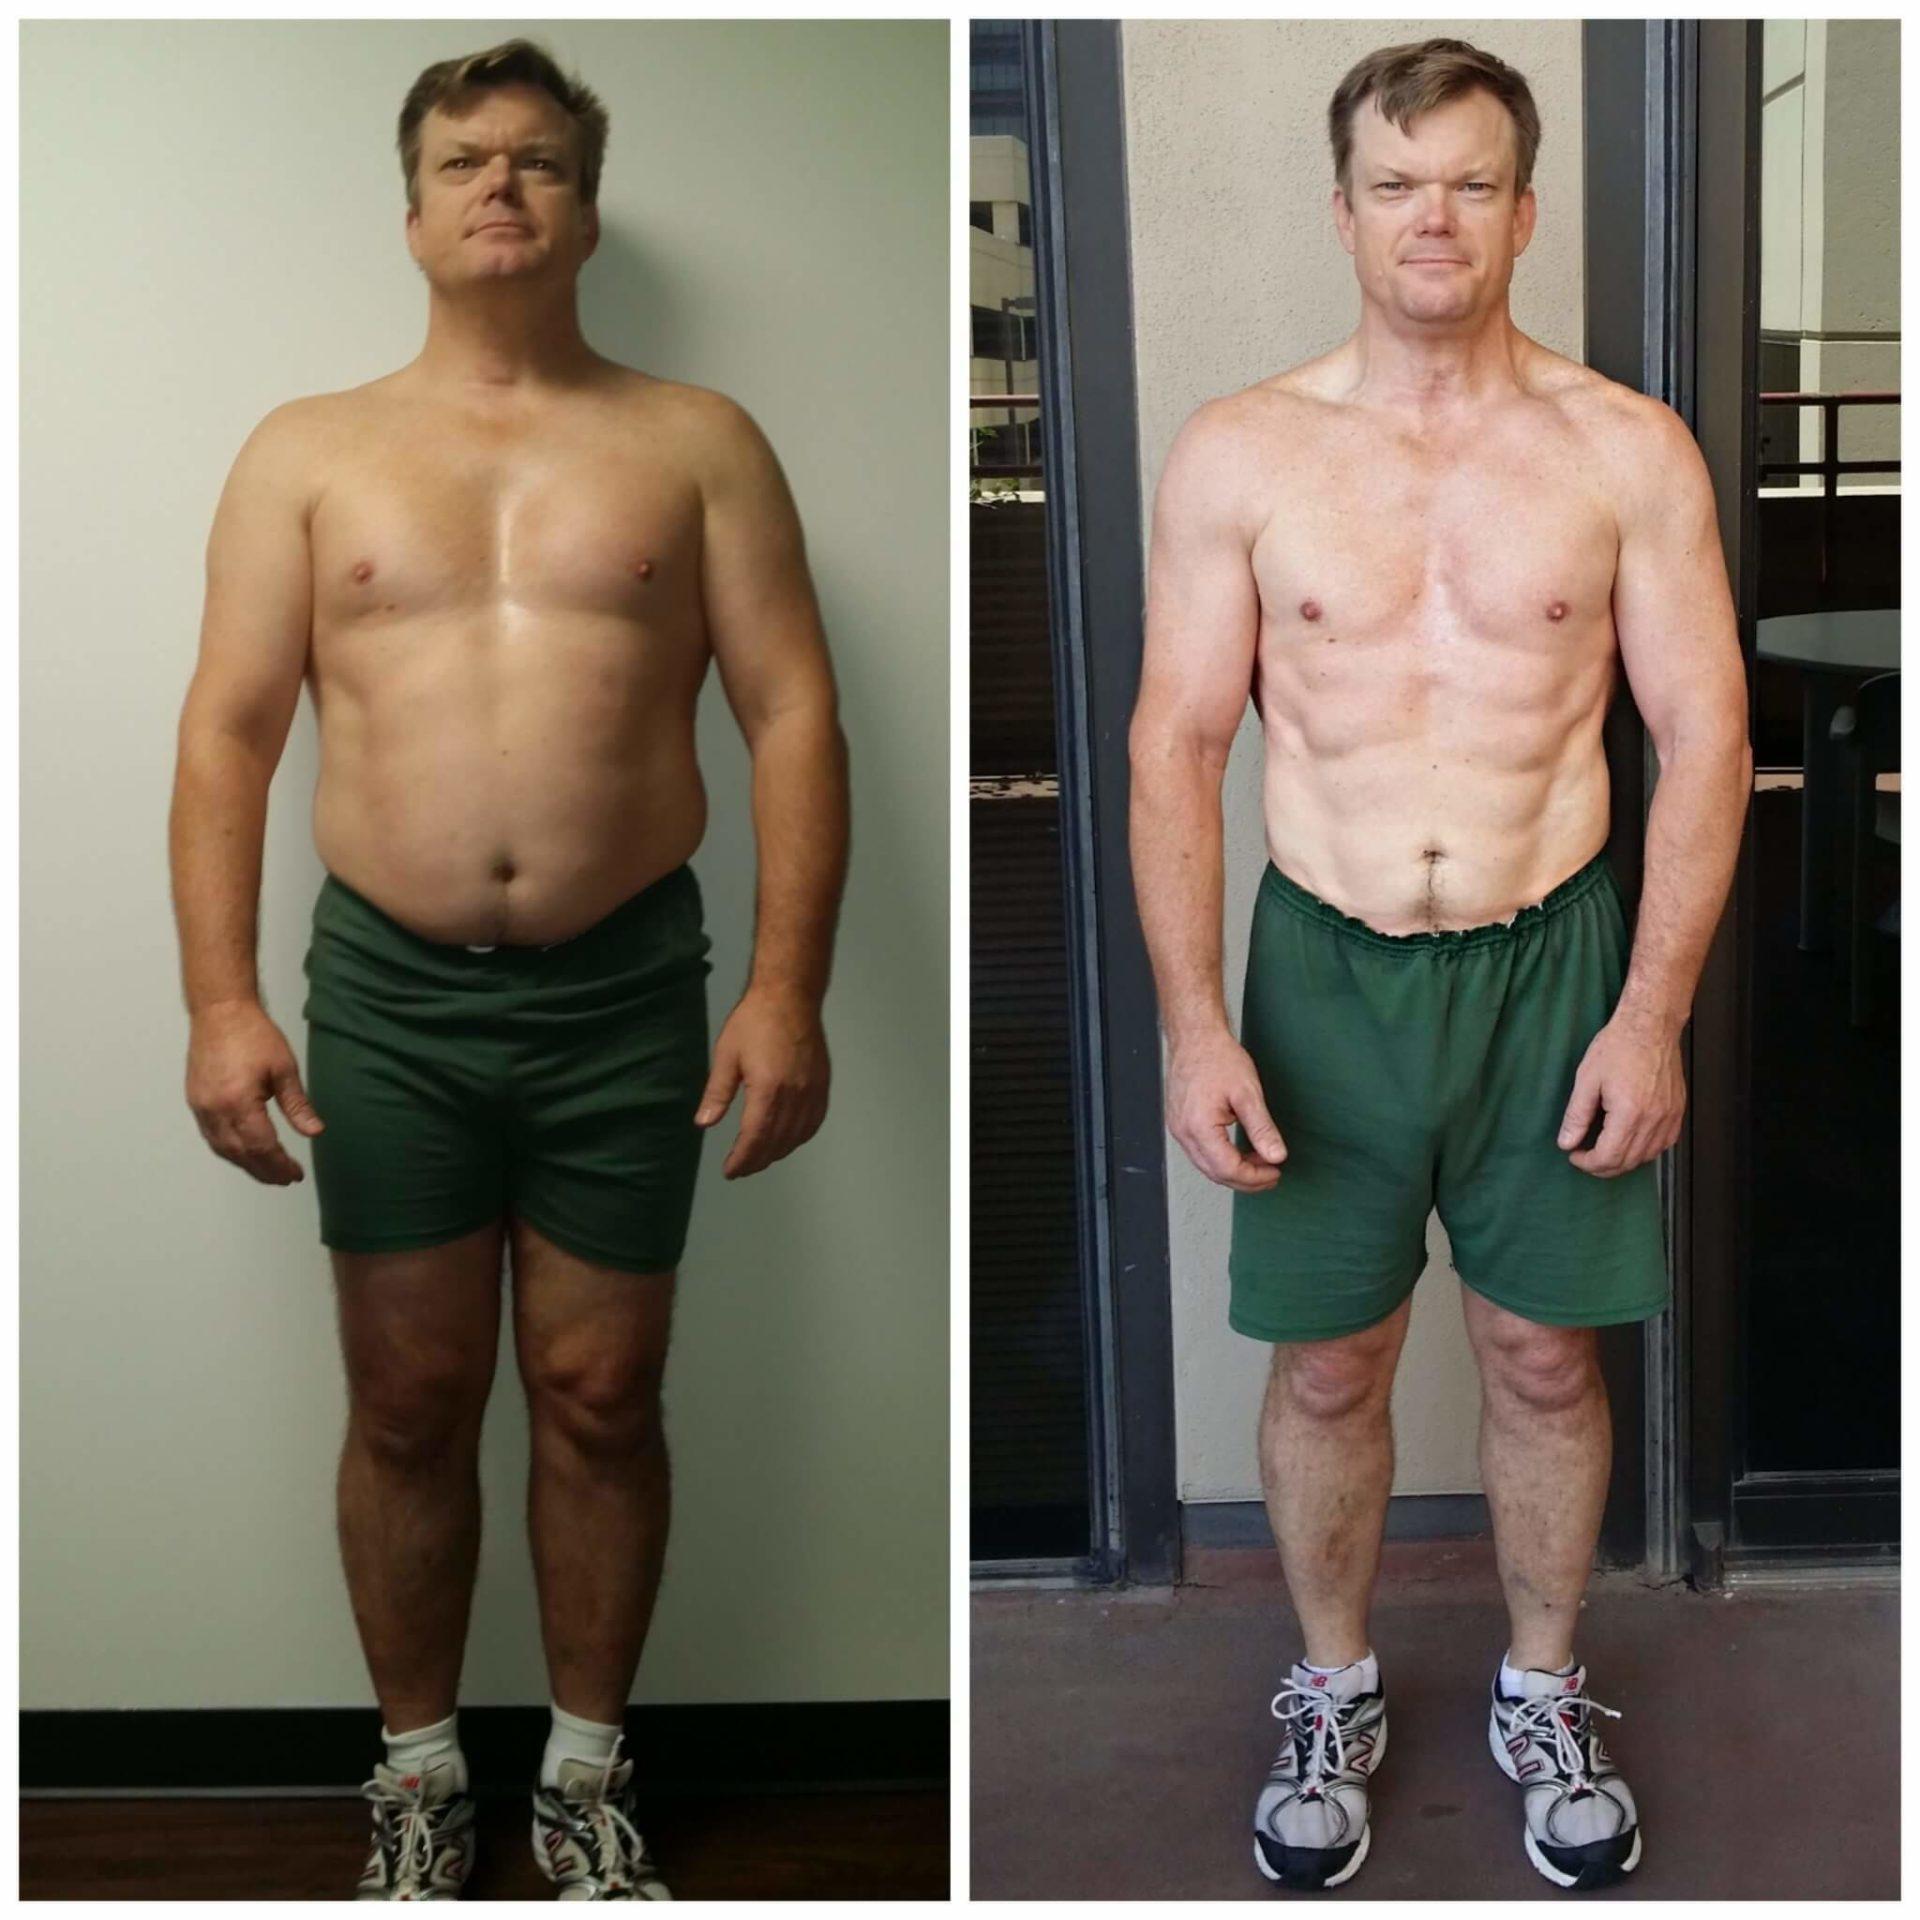 Derek weight loss personal trainer Dallas